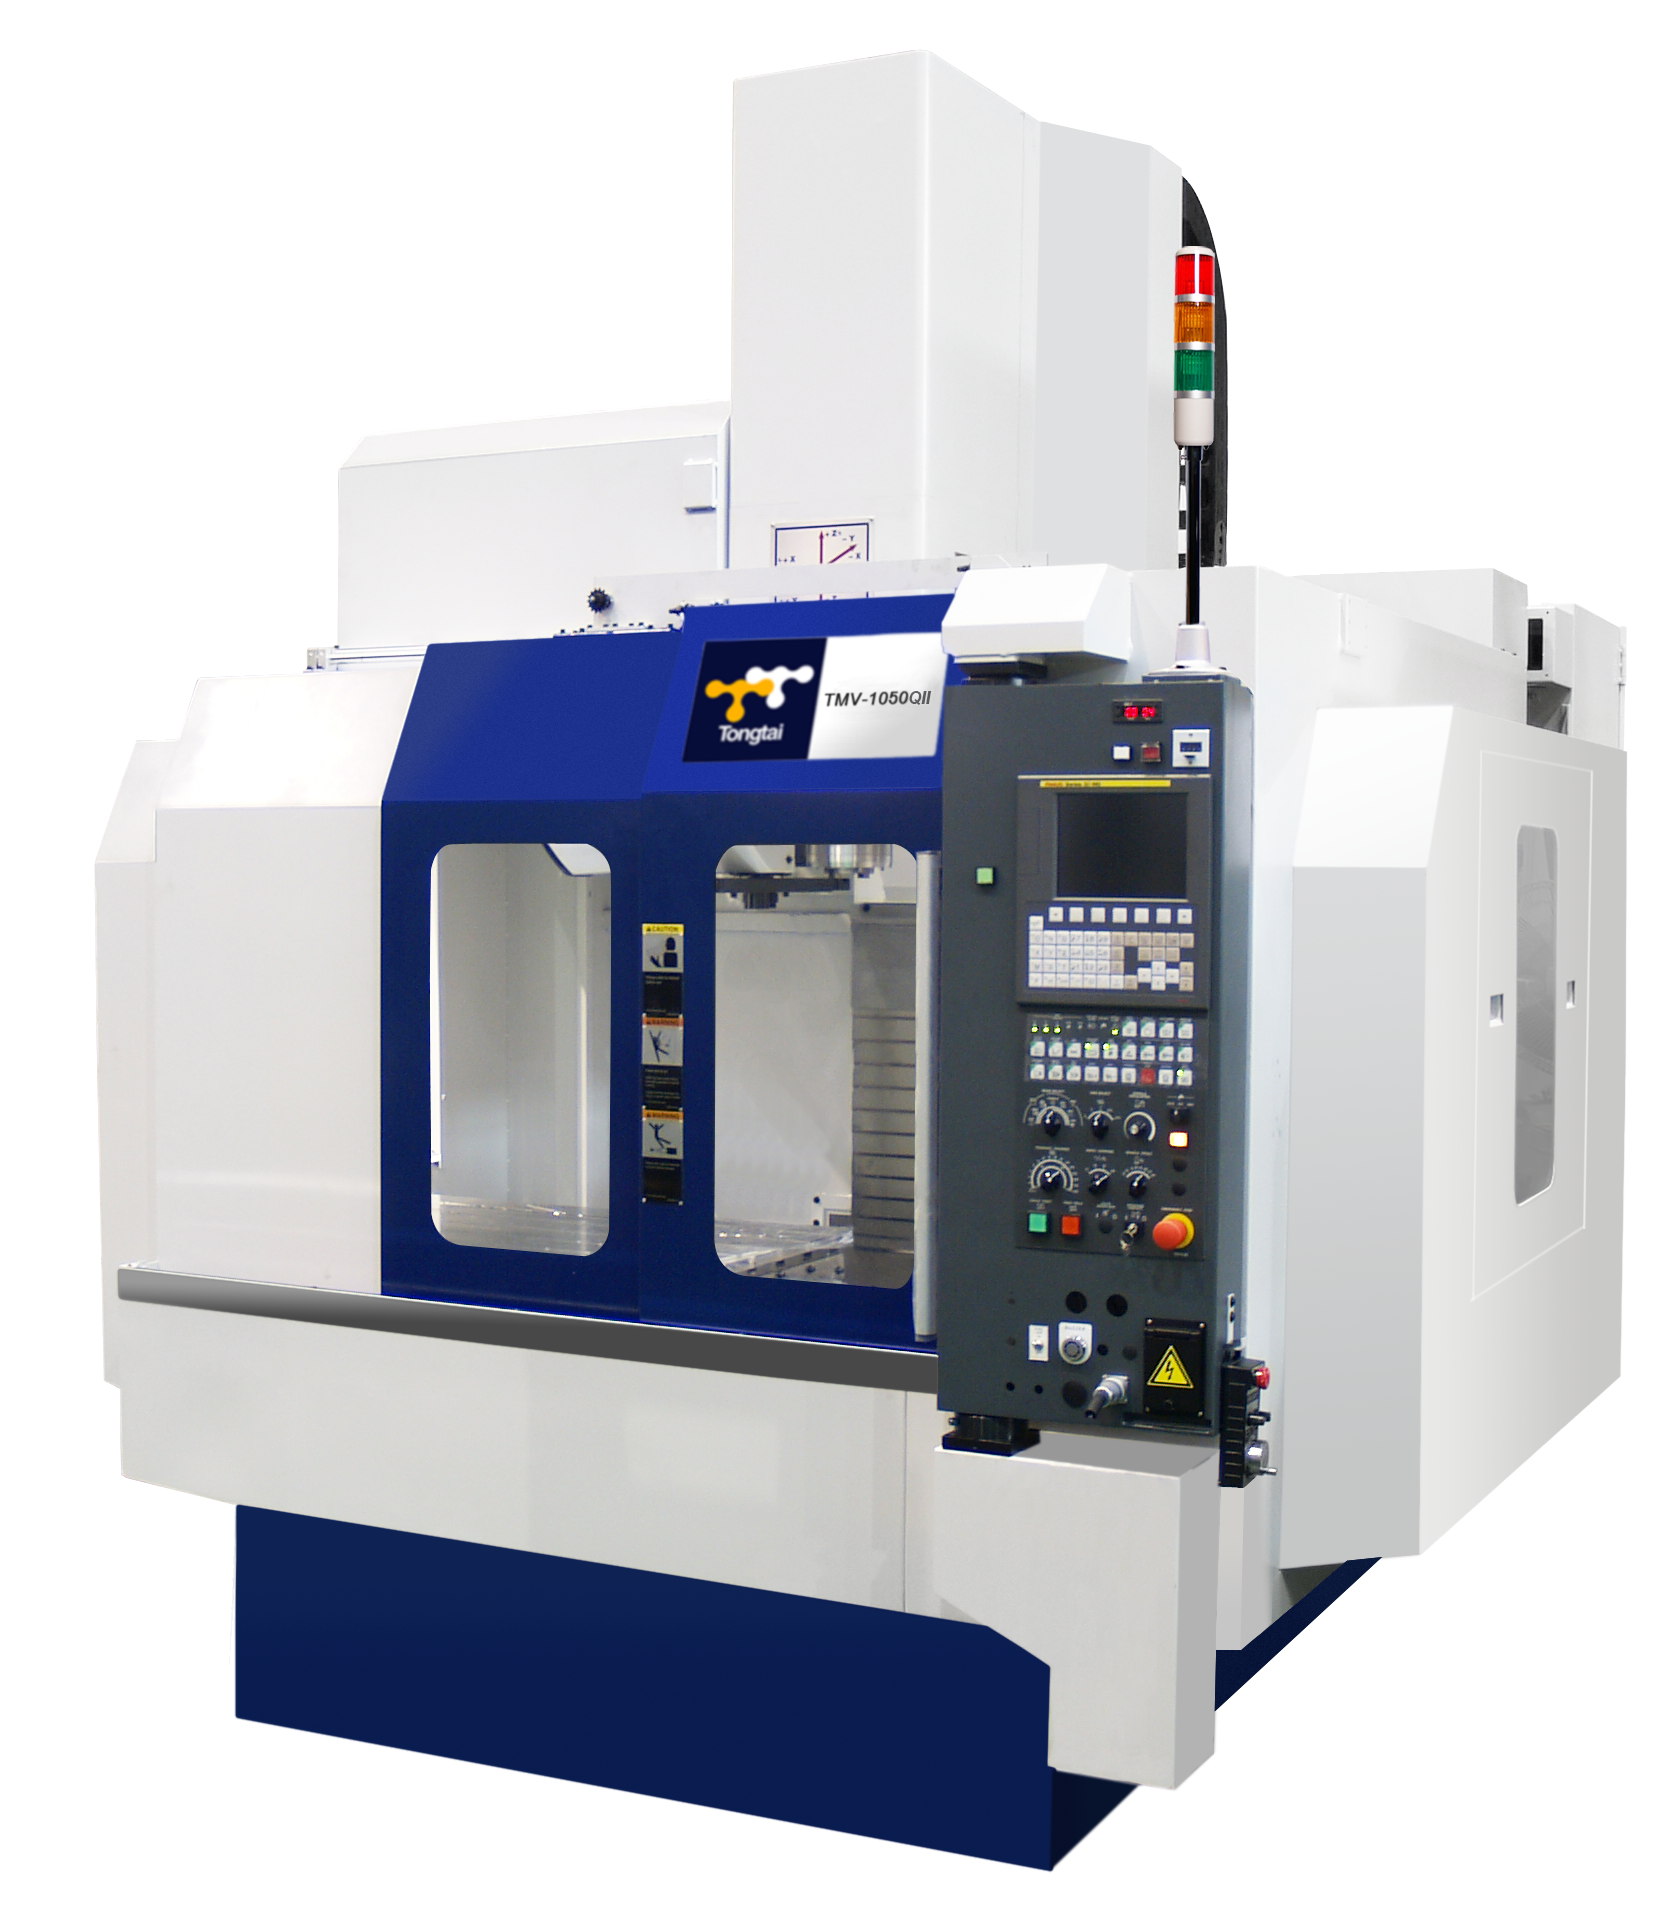 立式加工机-TMV-1050QII_全機